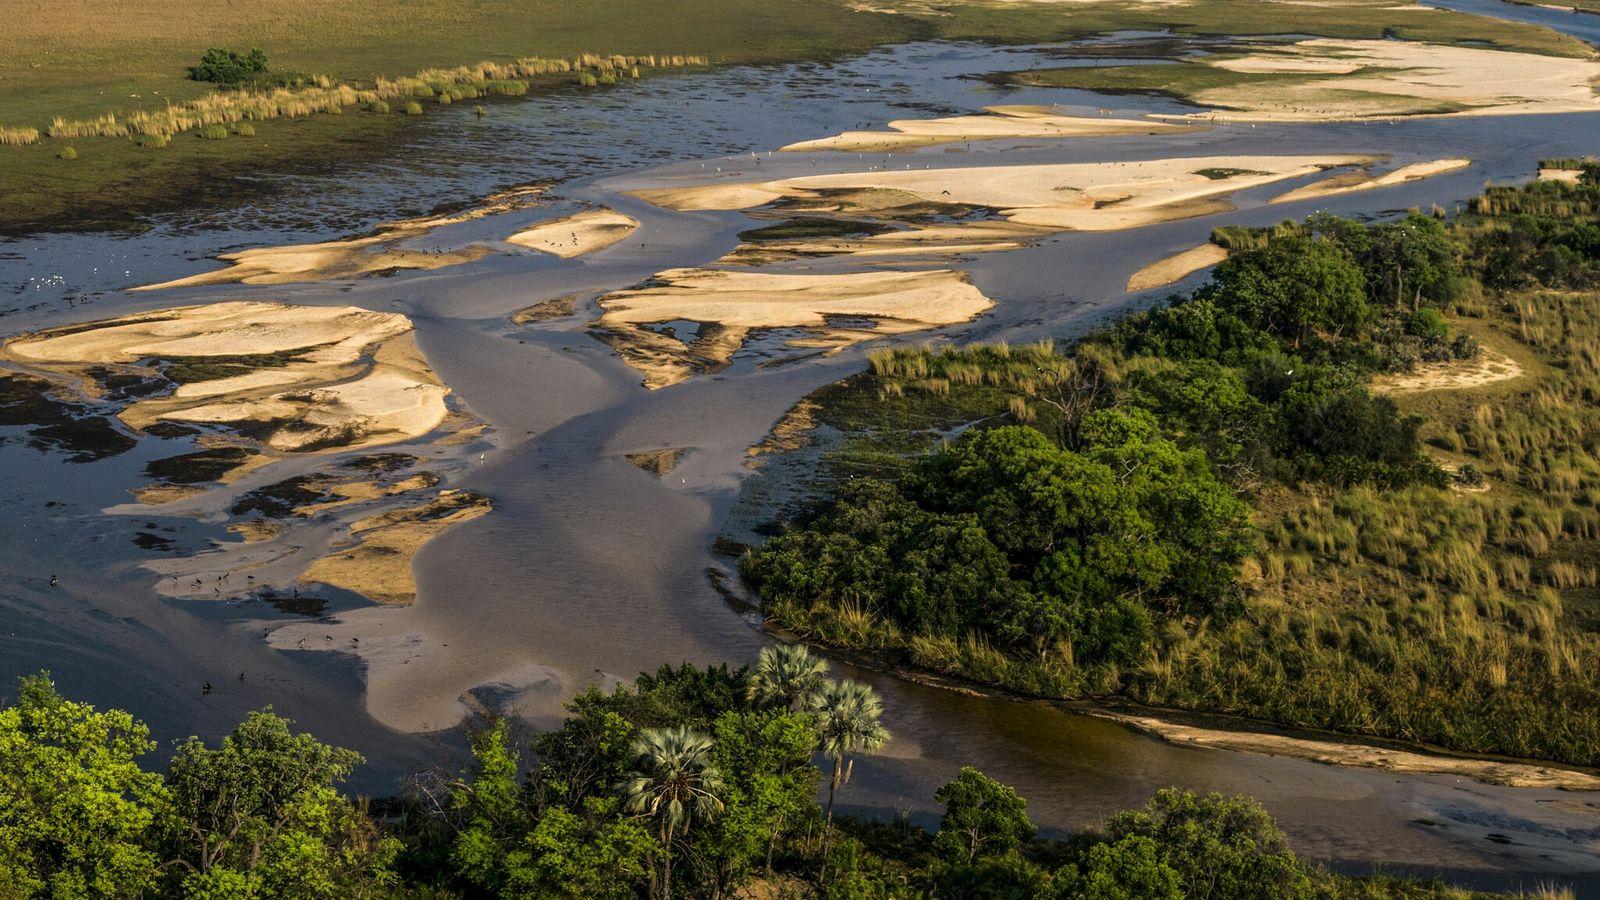 O Delta do Okavango, um pântano que proporciona habitat essencial à vida selvagem, fica a cerca ...